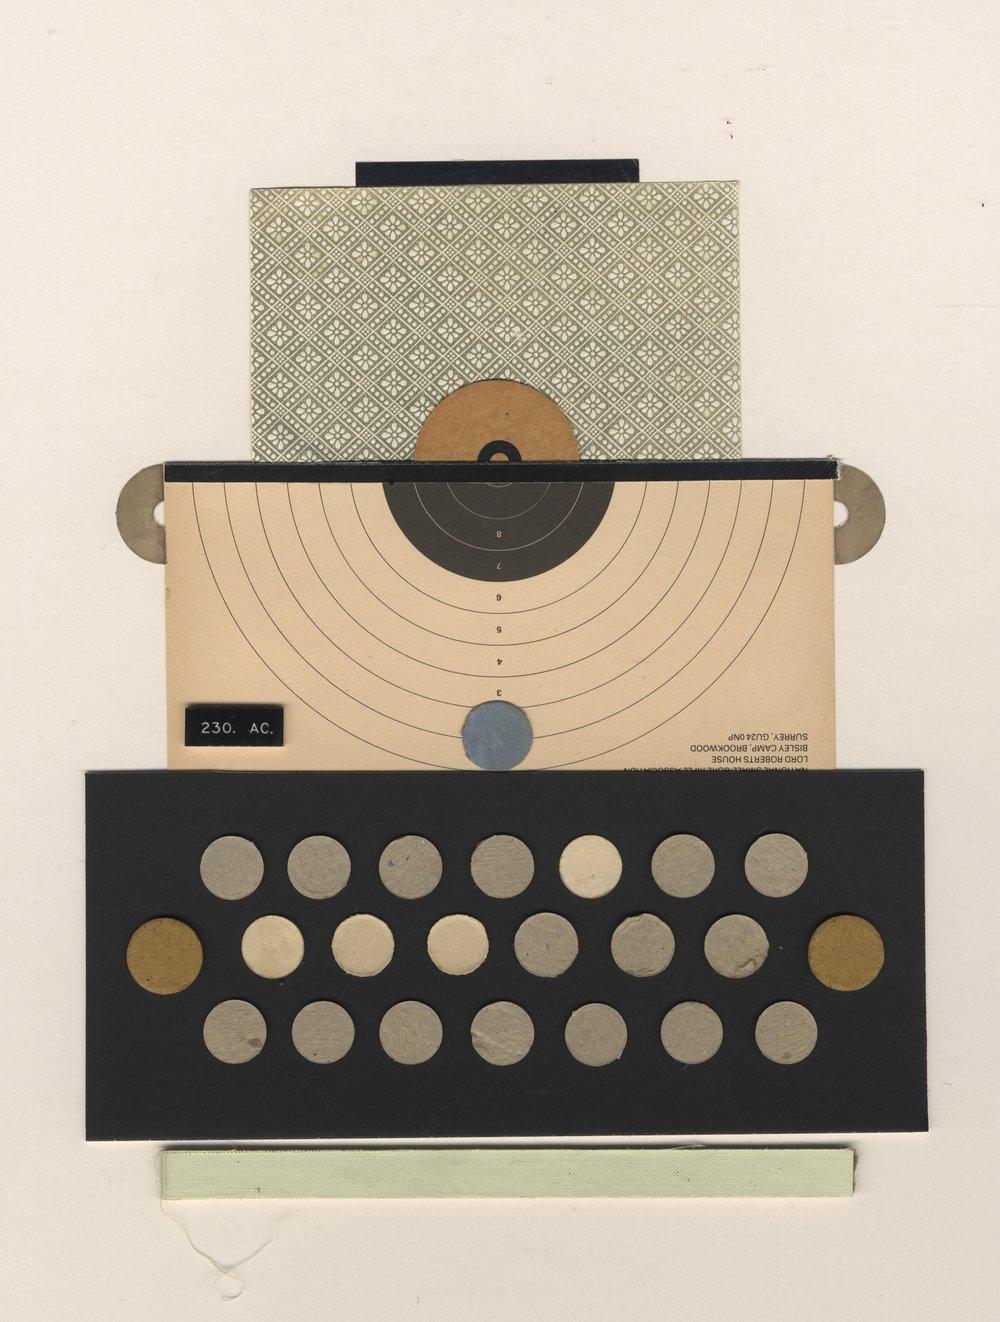 typewriter 11 300 dpi.jpeg